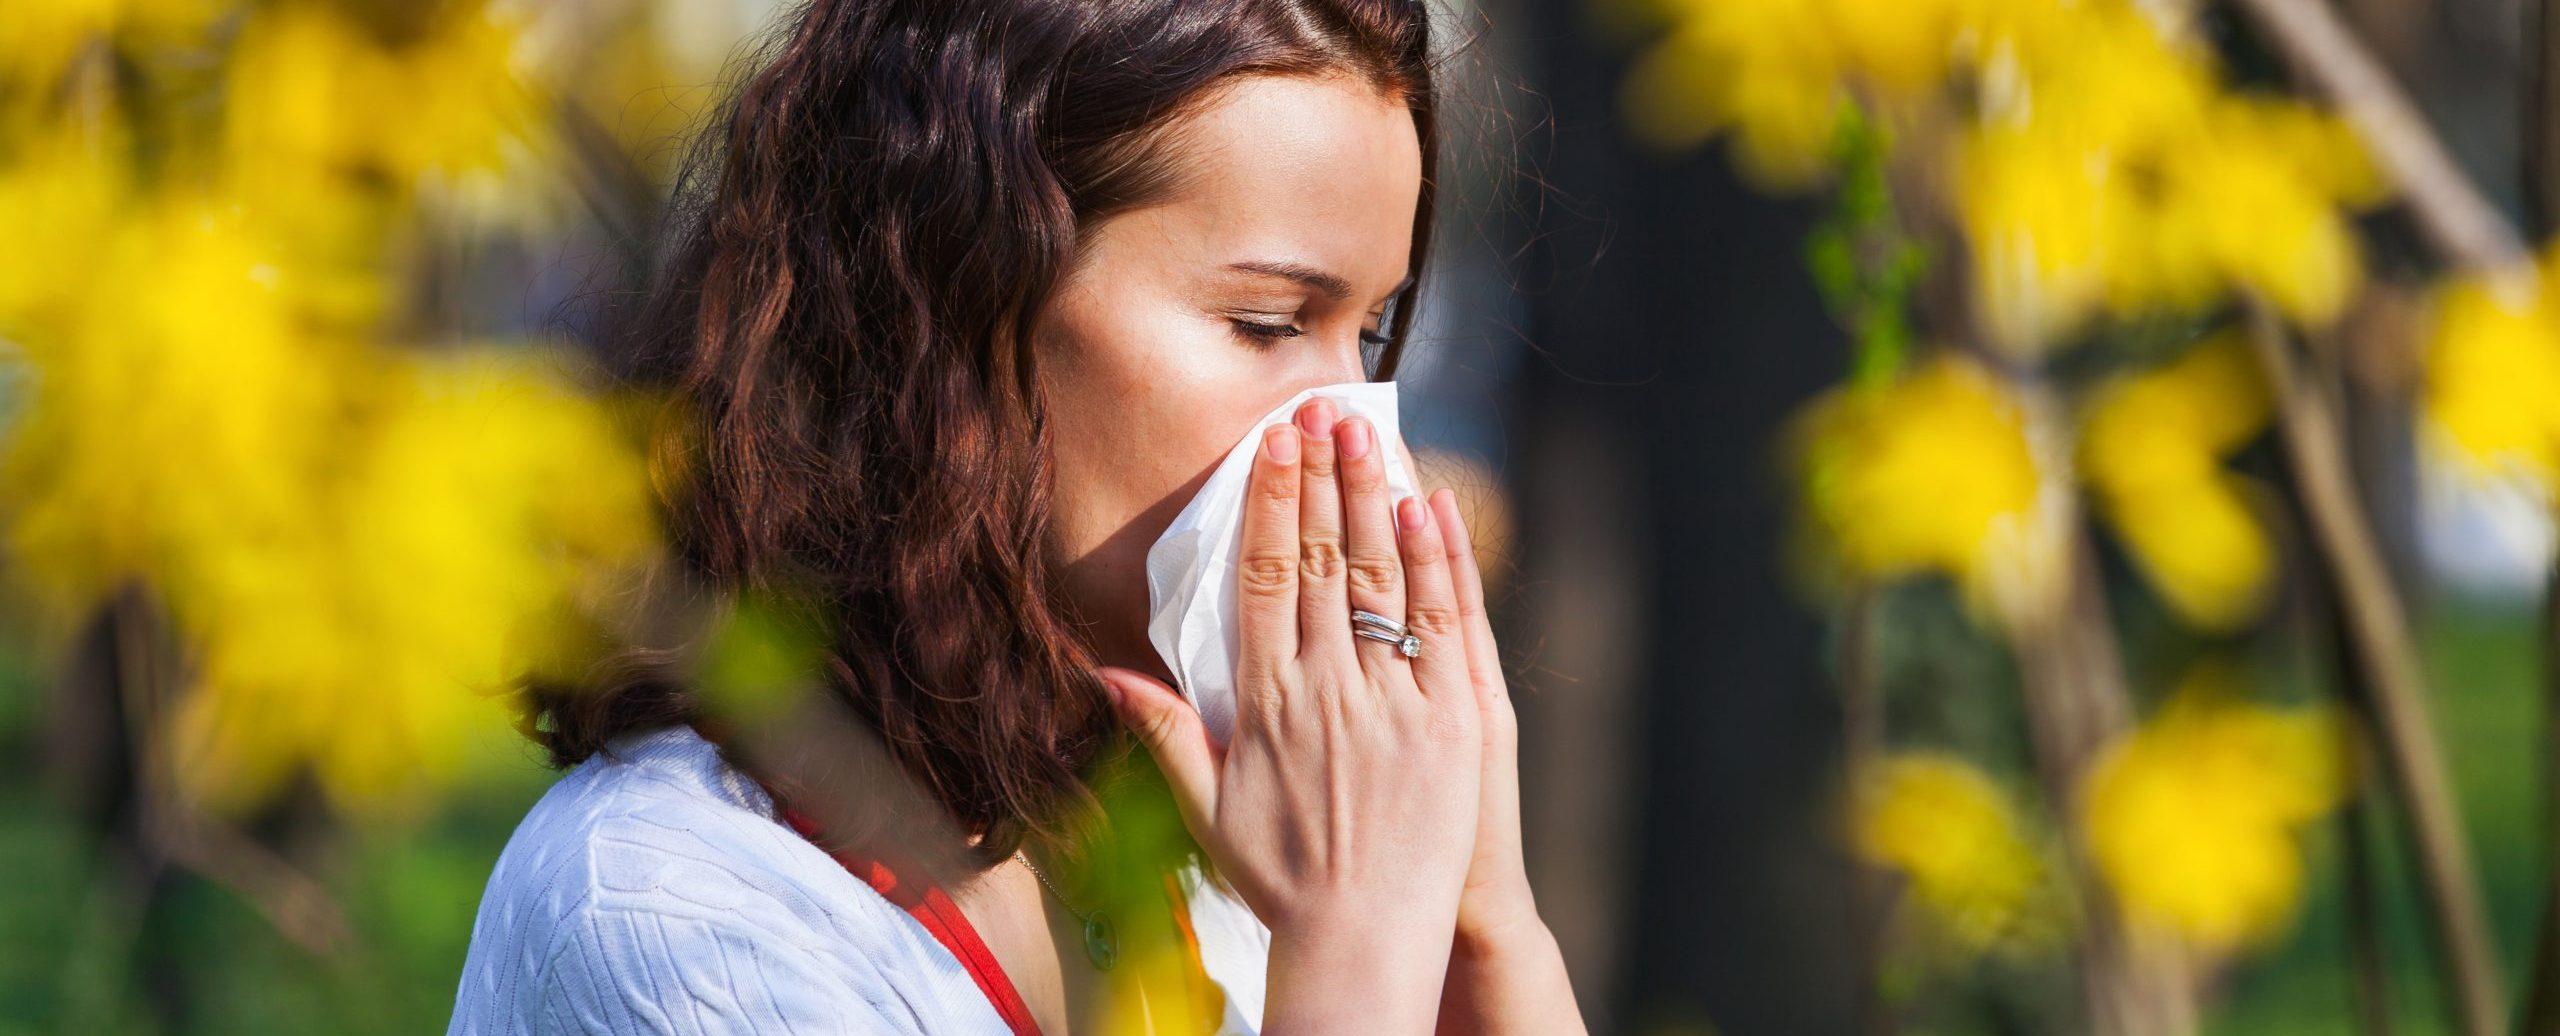 Alergias de primavera